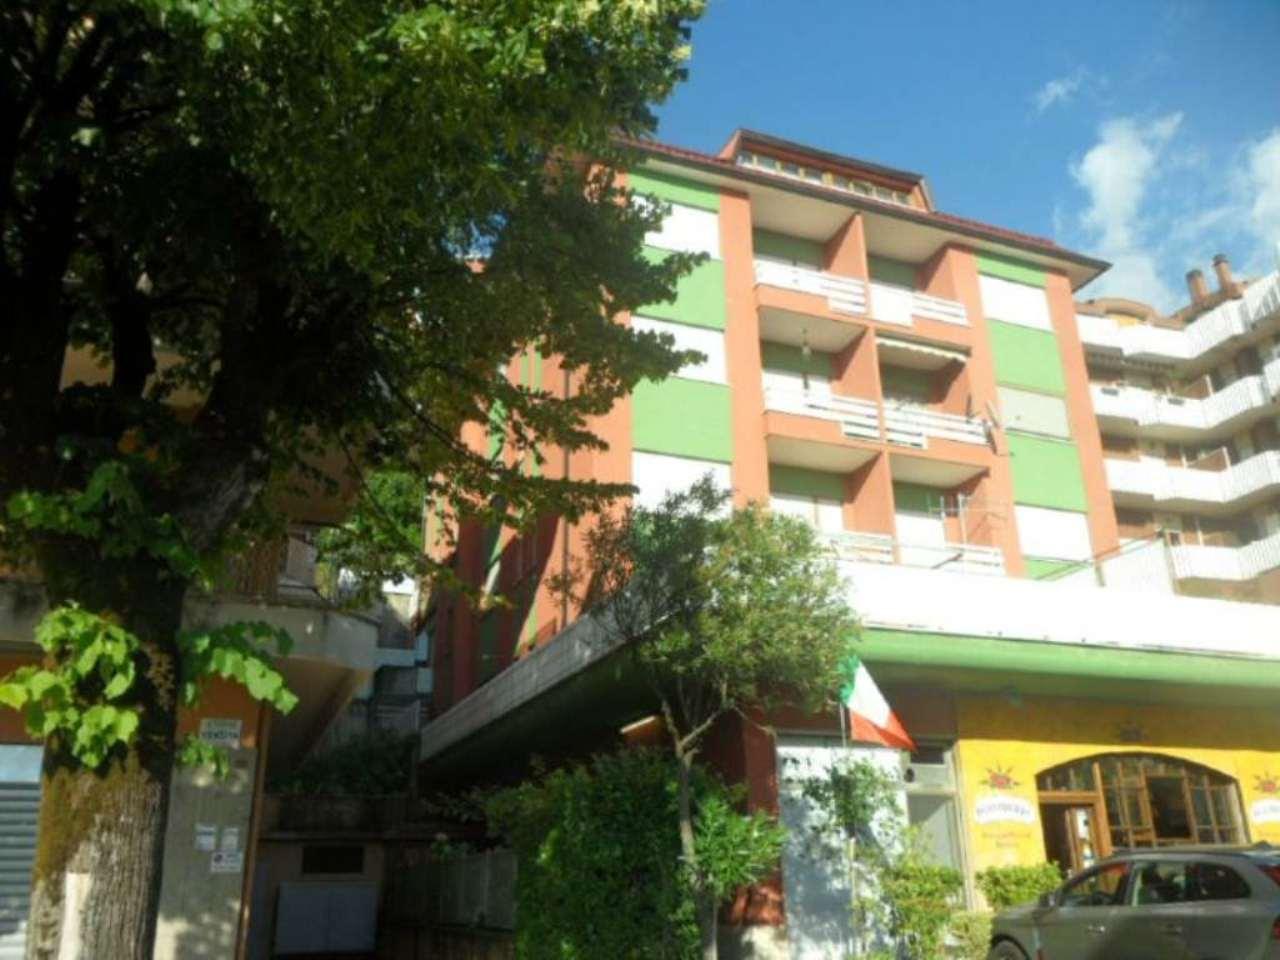 Appartamento in vendita a Fiuggi, 3 locali, prezzo € 49.000 | Cambio Casa.it